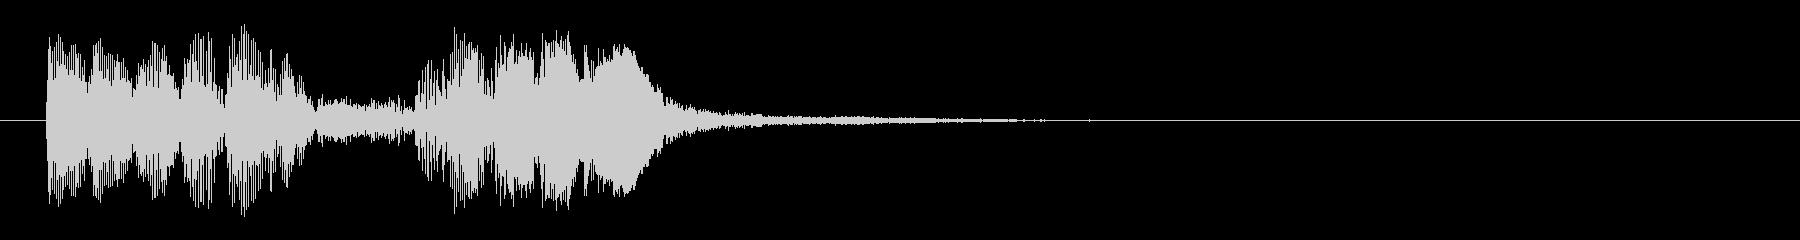 8ビット風システム音-18-4_revの未再生の波形